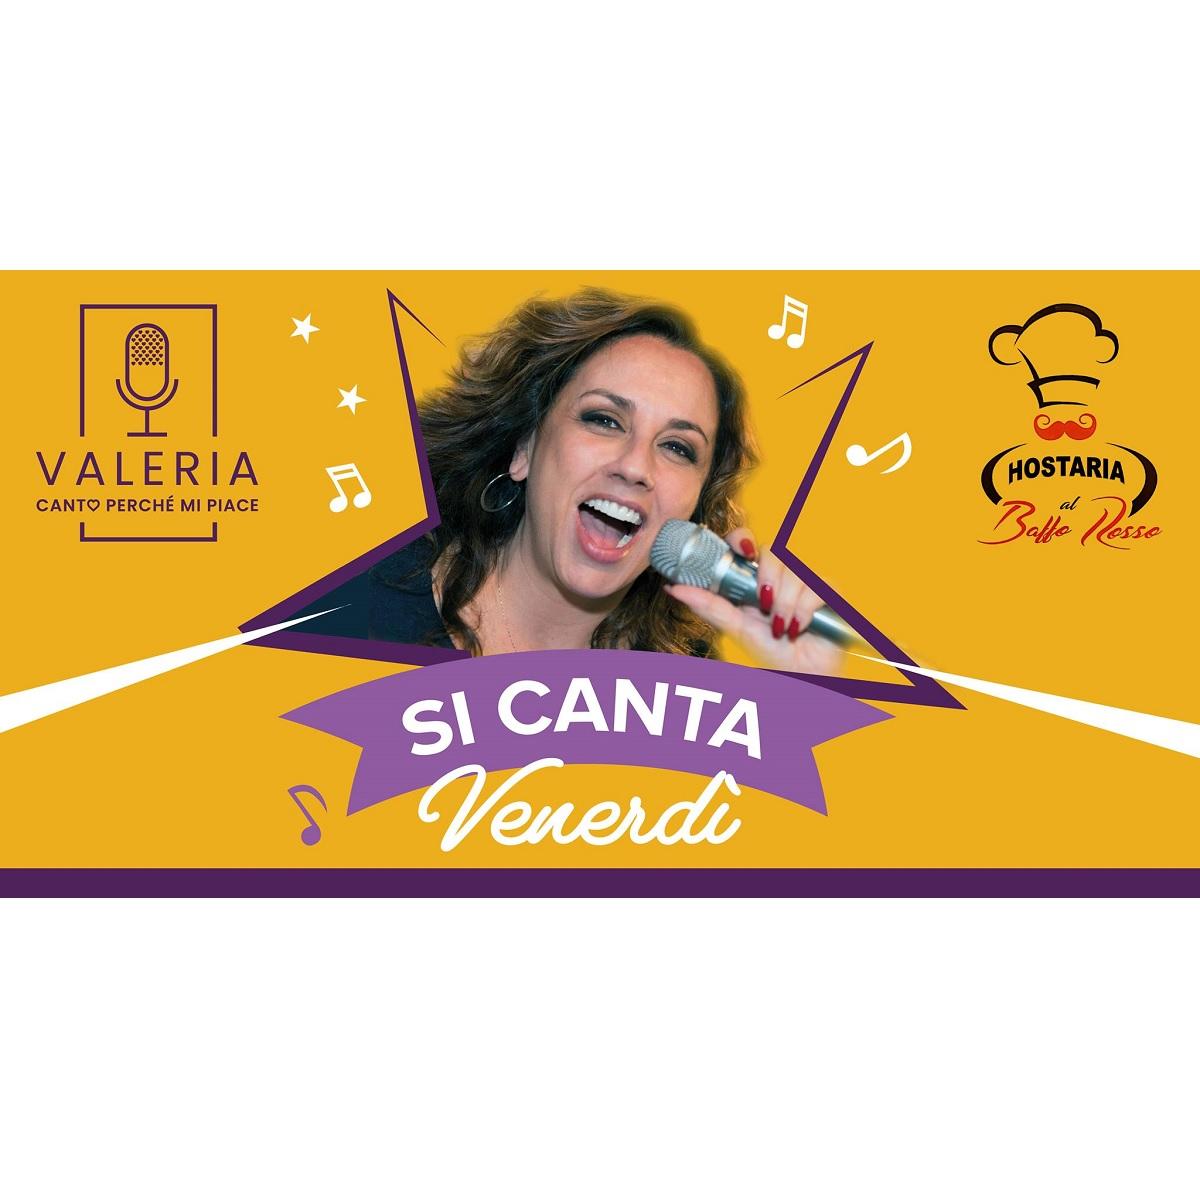 Venerdì karaoke con Valeria 23 luglio 2021 foto